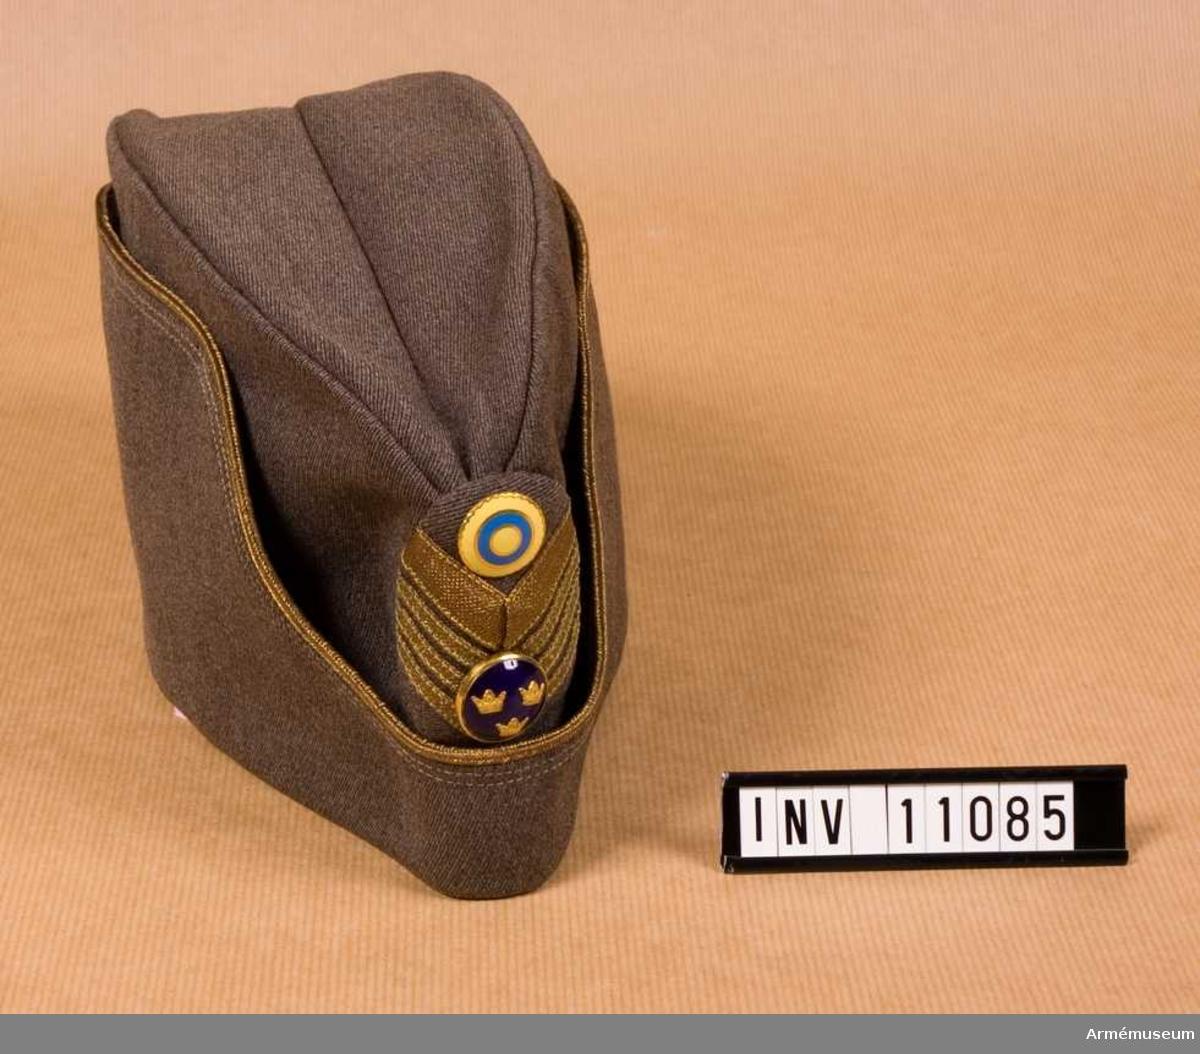 Permissionsmössa m/1939 för överste vid artilleriet. Grupp C I.INV  år 1971.